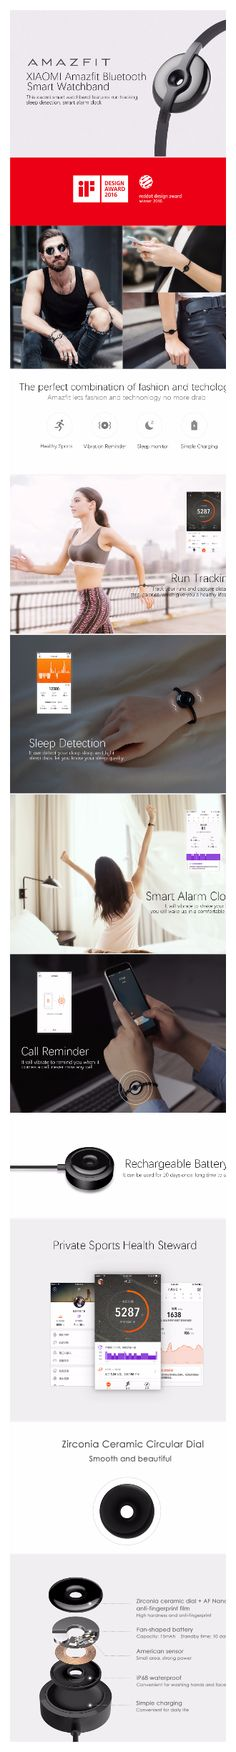 XIAOMI Amazfit Bluetooth inteligente correa - Negro $ 54.99 Este XIAOMI correa inteligente cuenta con el seguimiento de ejecución, la detección del sueño, despertador inteligente. Ser compatible con Bluetooth versión 4.0, Android (OS 4.4 o superior); para iPhone (iOS 7.0 o superior), vale la pena para usted comprar este correa de reloj inteligente de alta calidad. Cool Technology, Ios, Bluetooth, Android, Iphone, Shopping, Design, Black, Design Comics